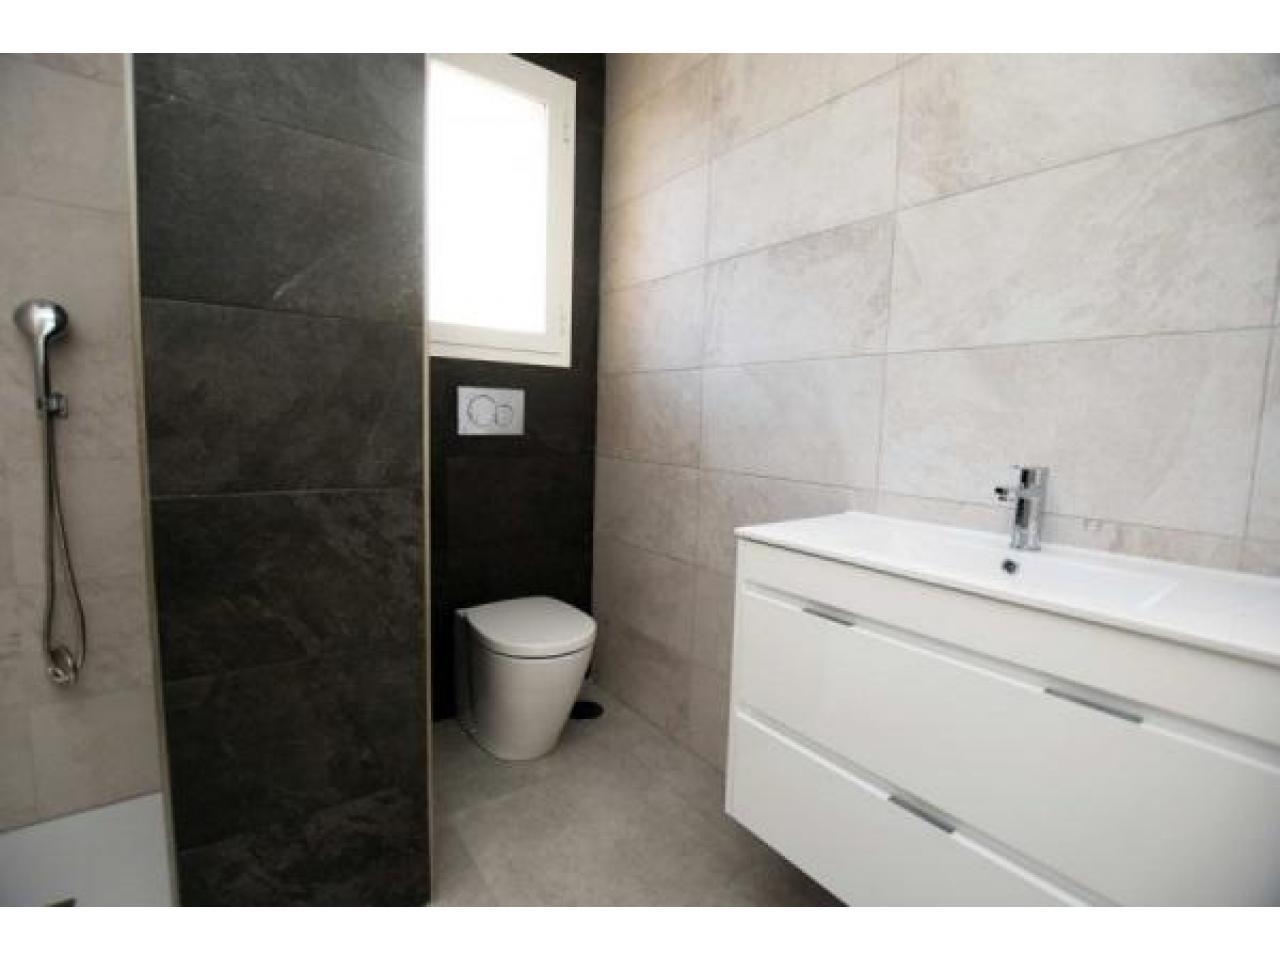 Недвижимость в Испании, Новые квартиры рядом с пляжем от застройщика в Ла Мата,Торревьеха - 9